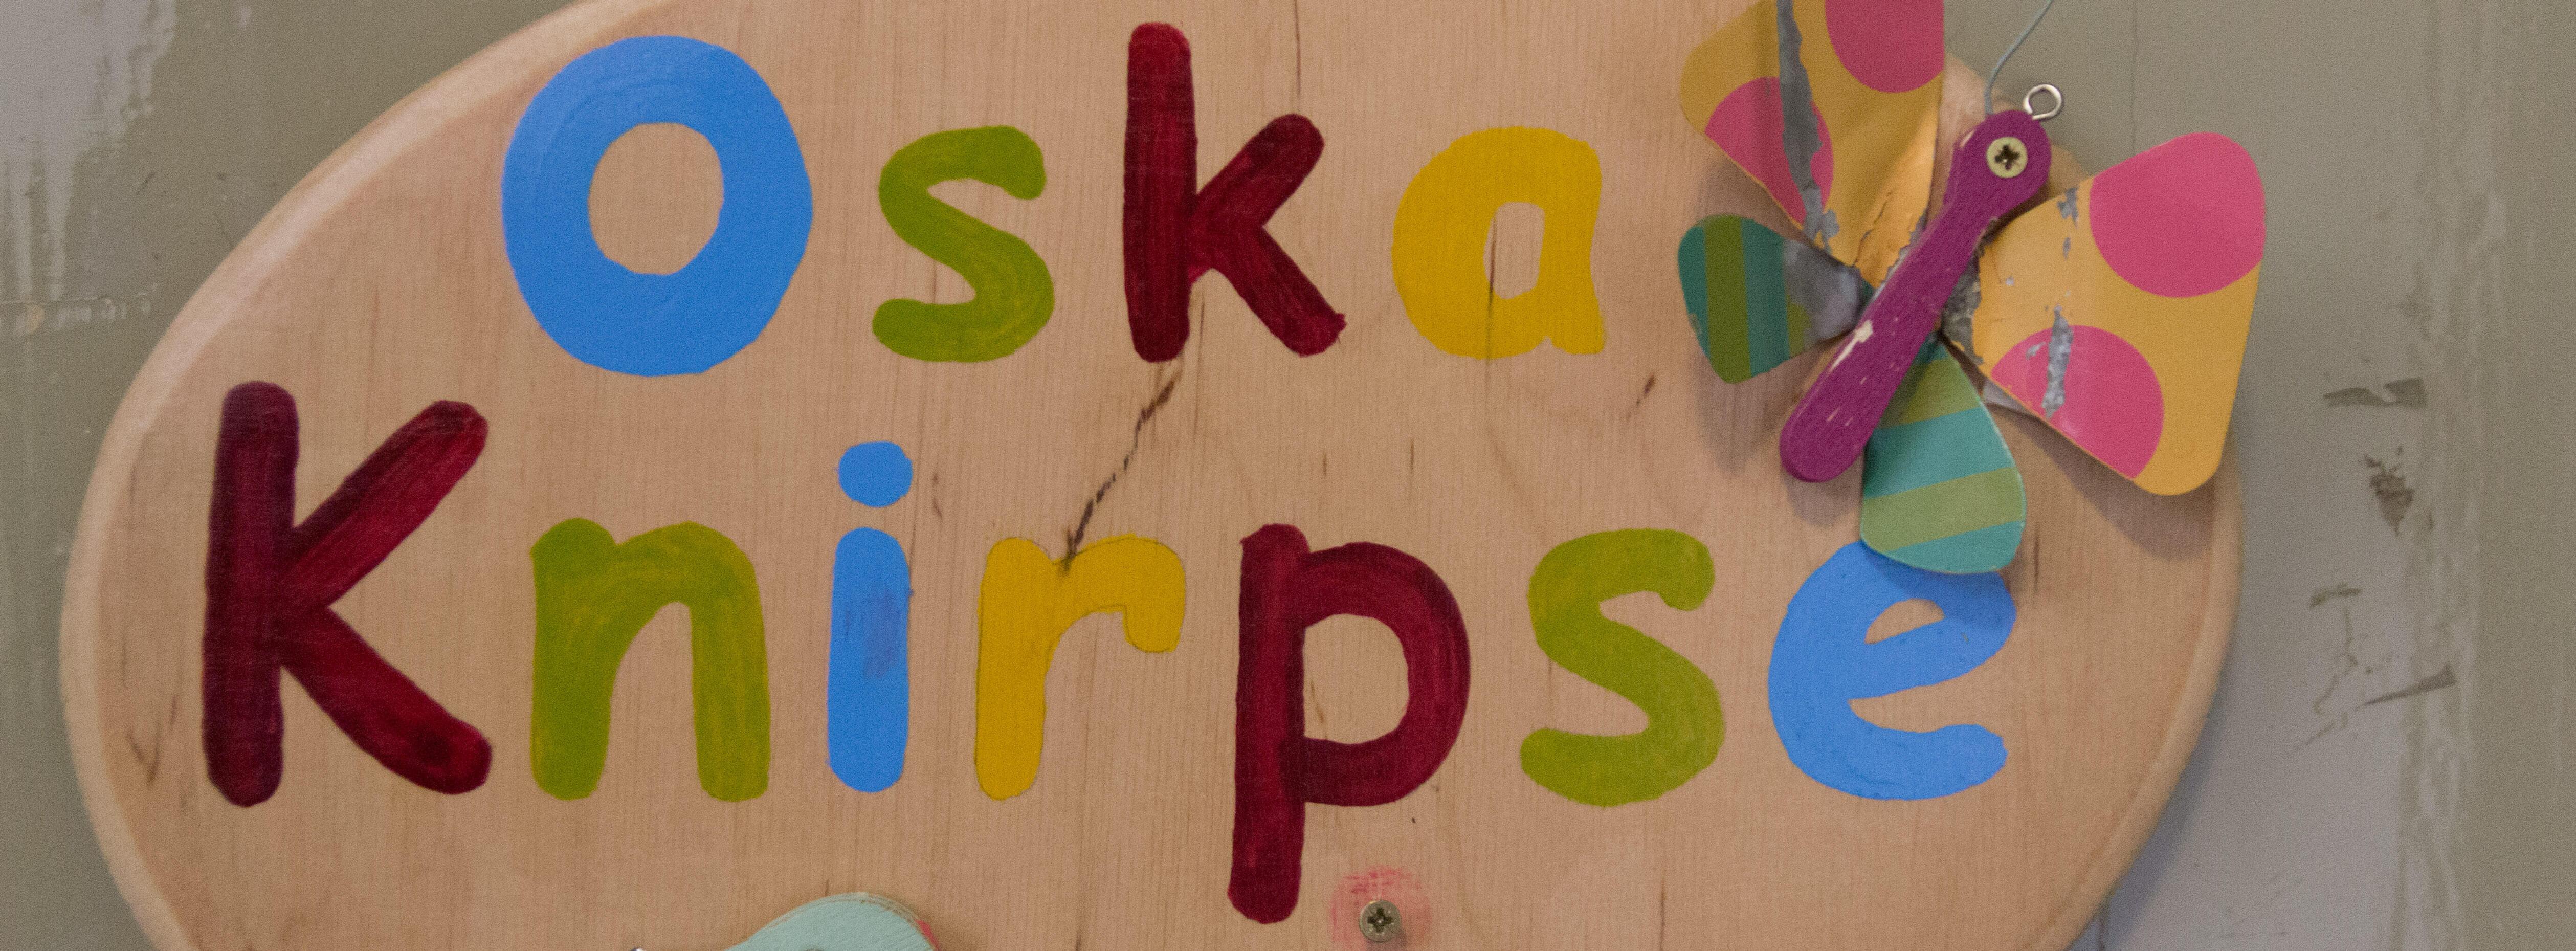 Kinderkrabbelgruppe OSKA